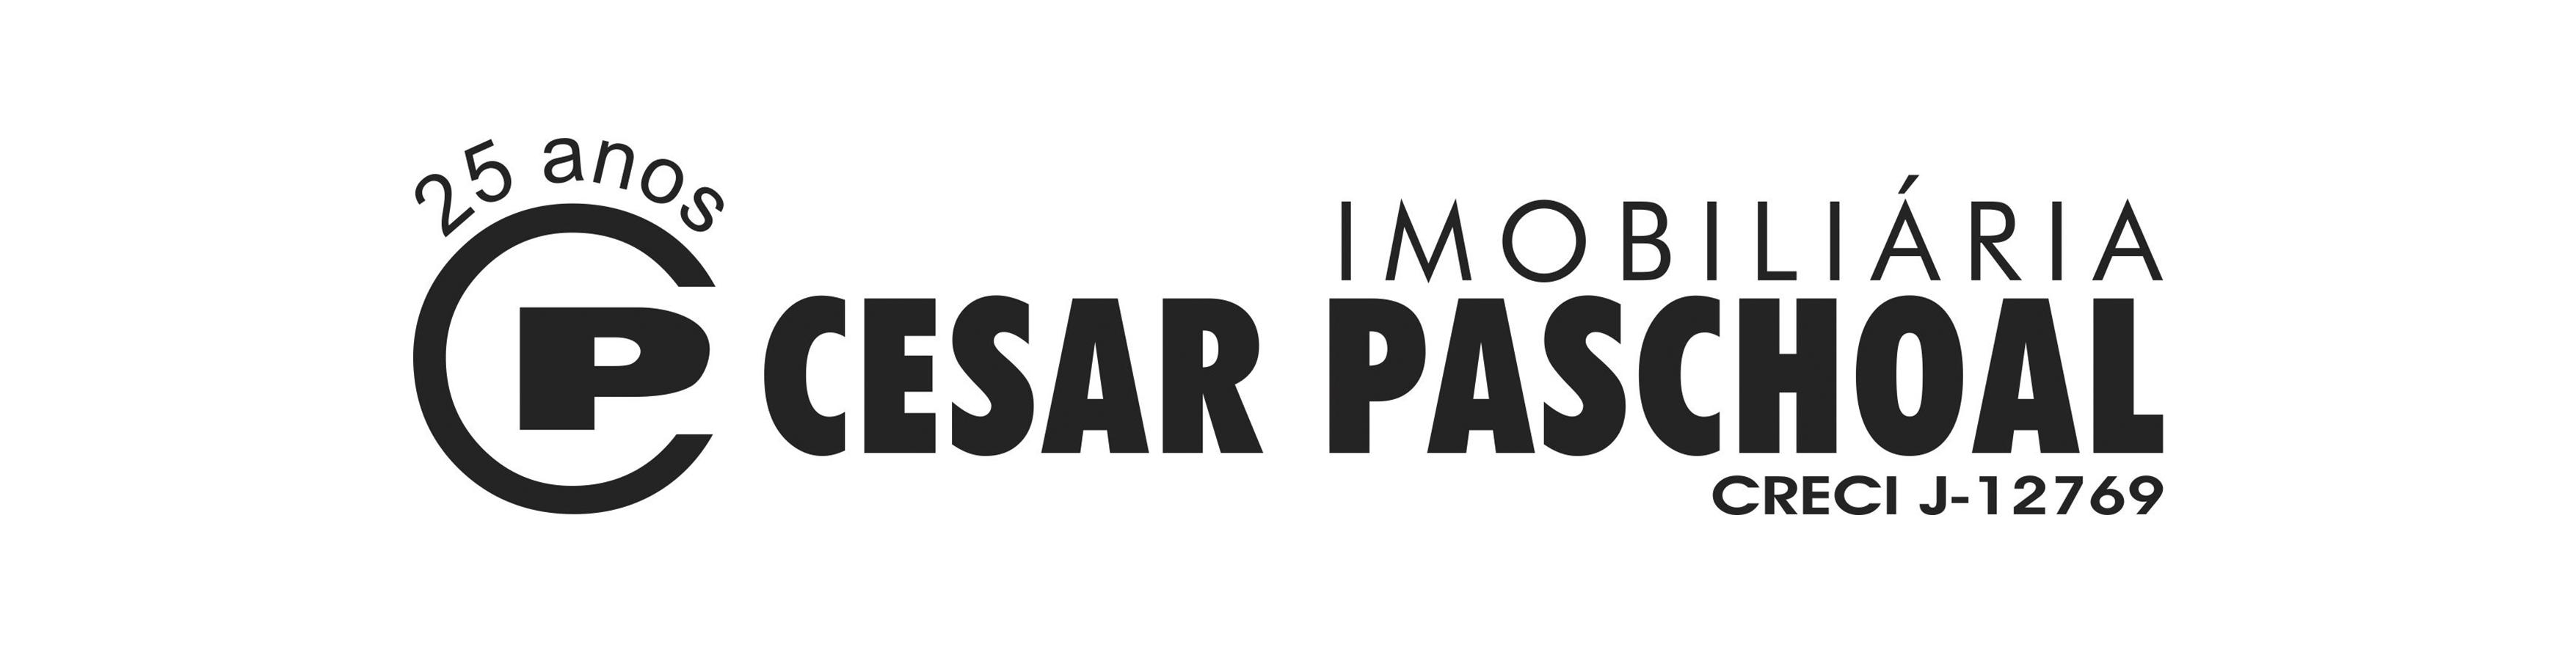 IMOBILIÁRIA CESAR PASCHOAL